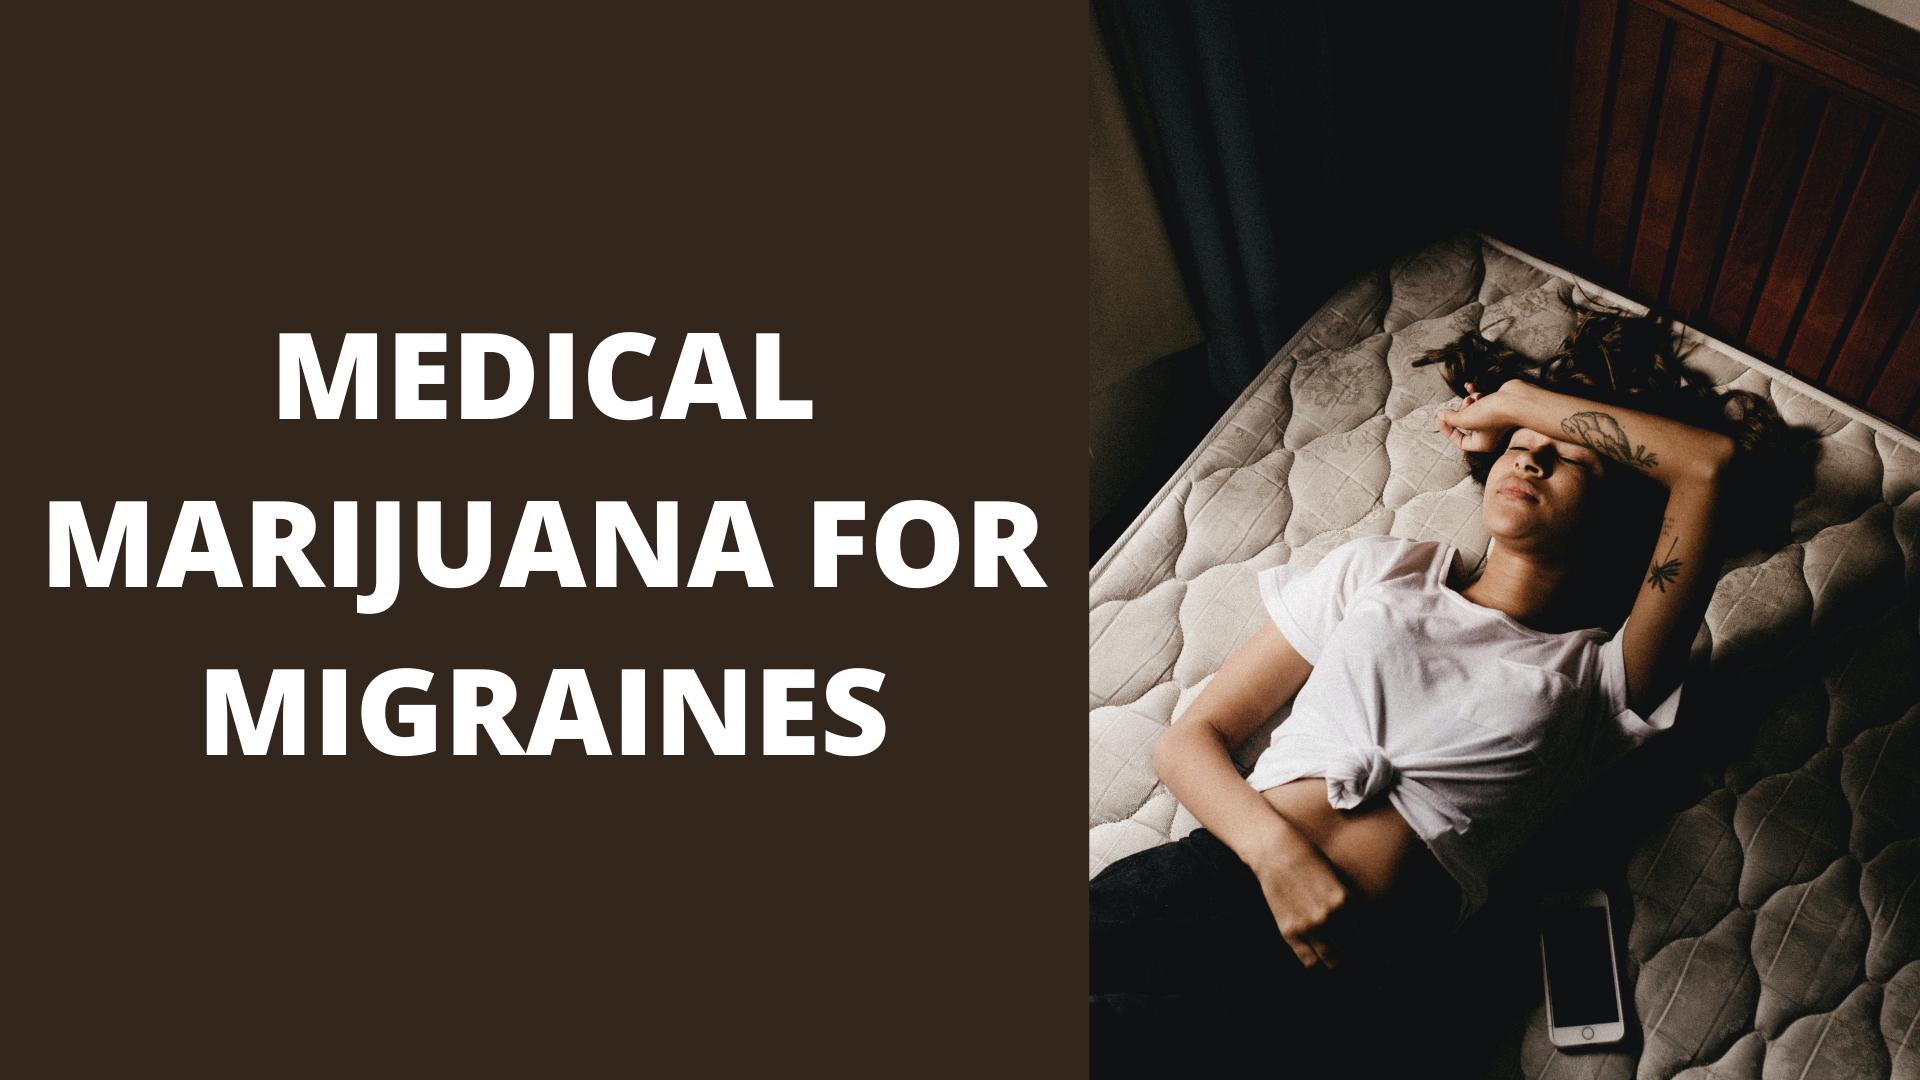 Benefits of Medical Marijuana for Migraine